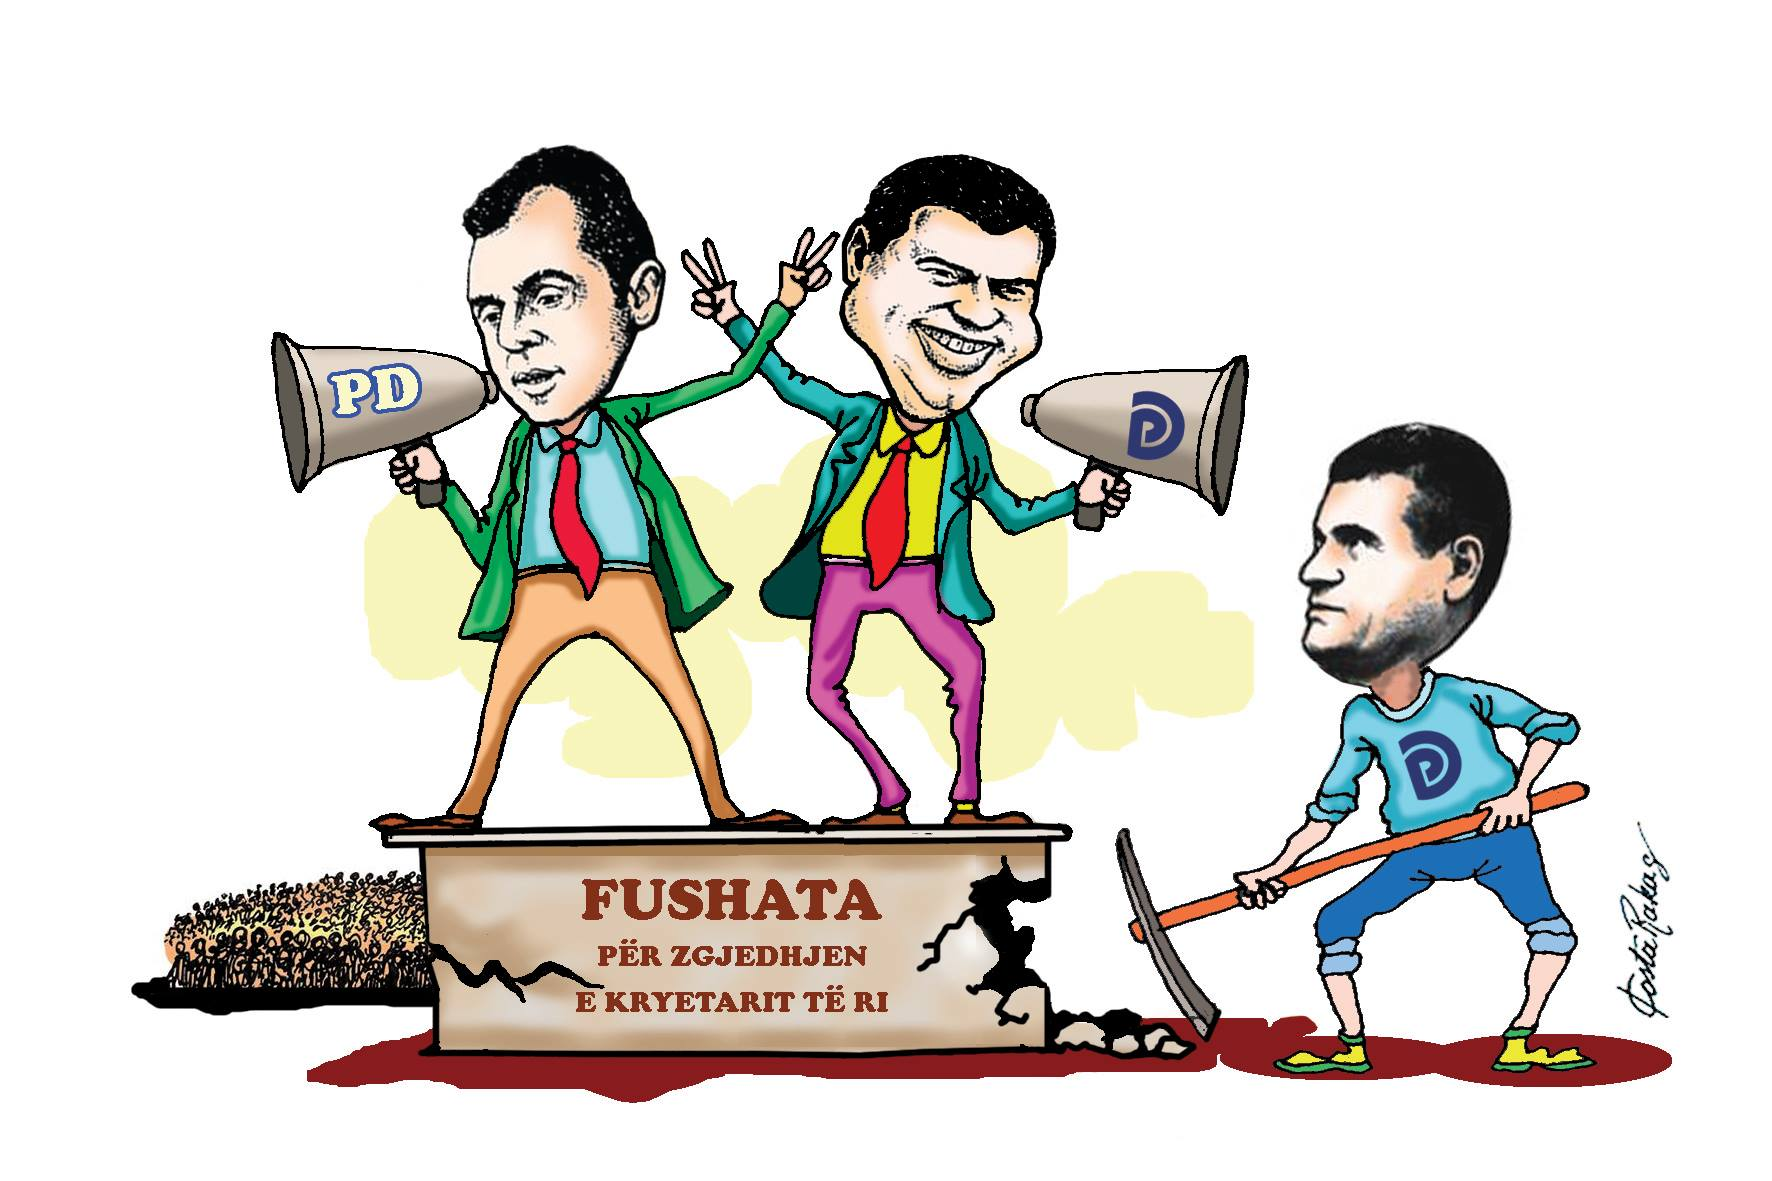 Karikatura e ditës në Albanian Free Press nga Kosta Raka (17 korrik 2017)